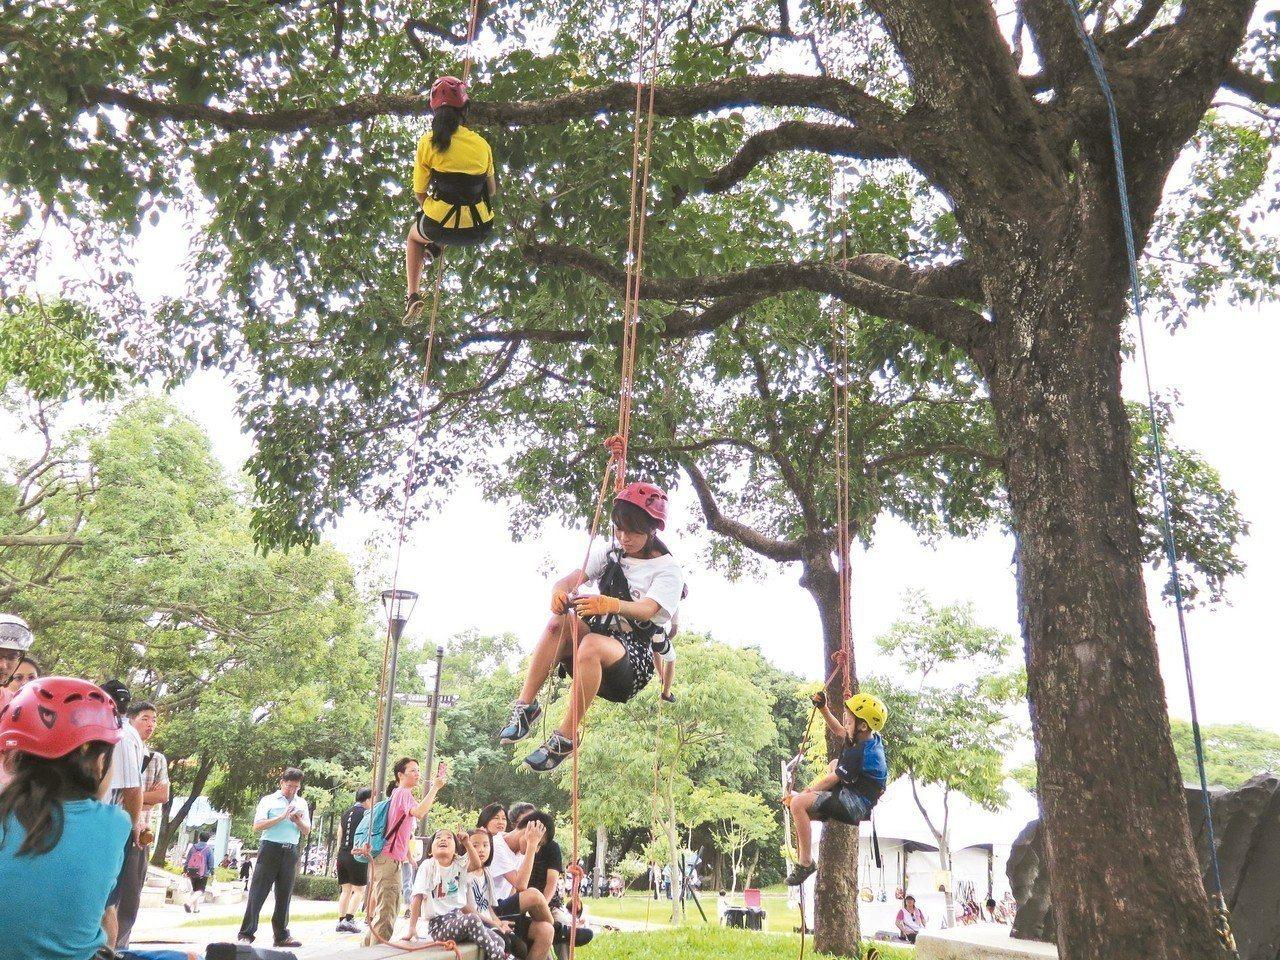 桃園市環保局昨天在虎頭山舉辦桃園綠色生活悠遊節系列活動,由專業攀樹師帶領民眾體驗...